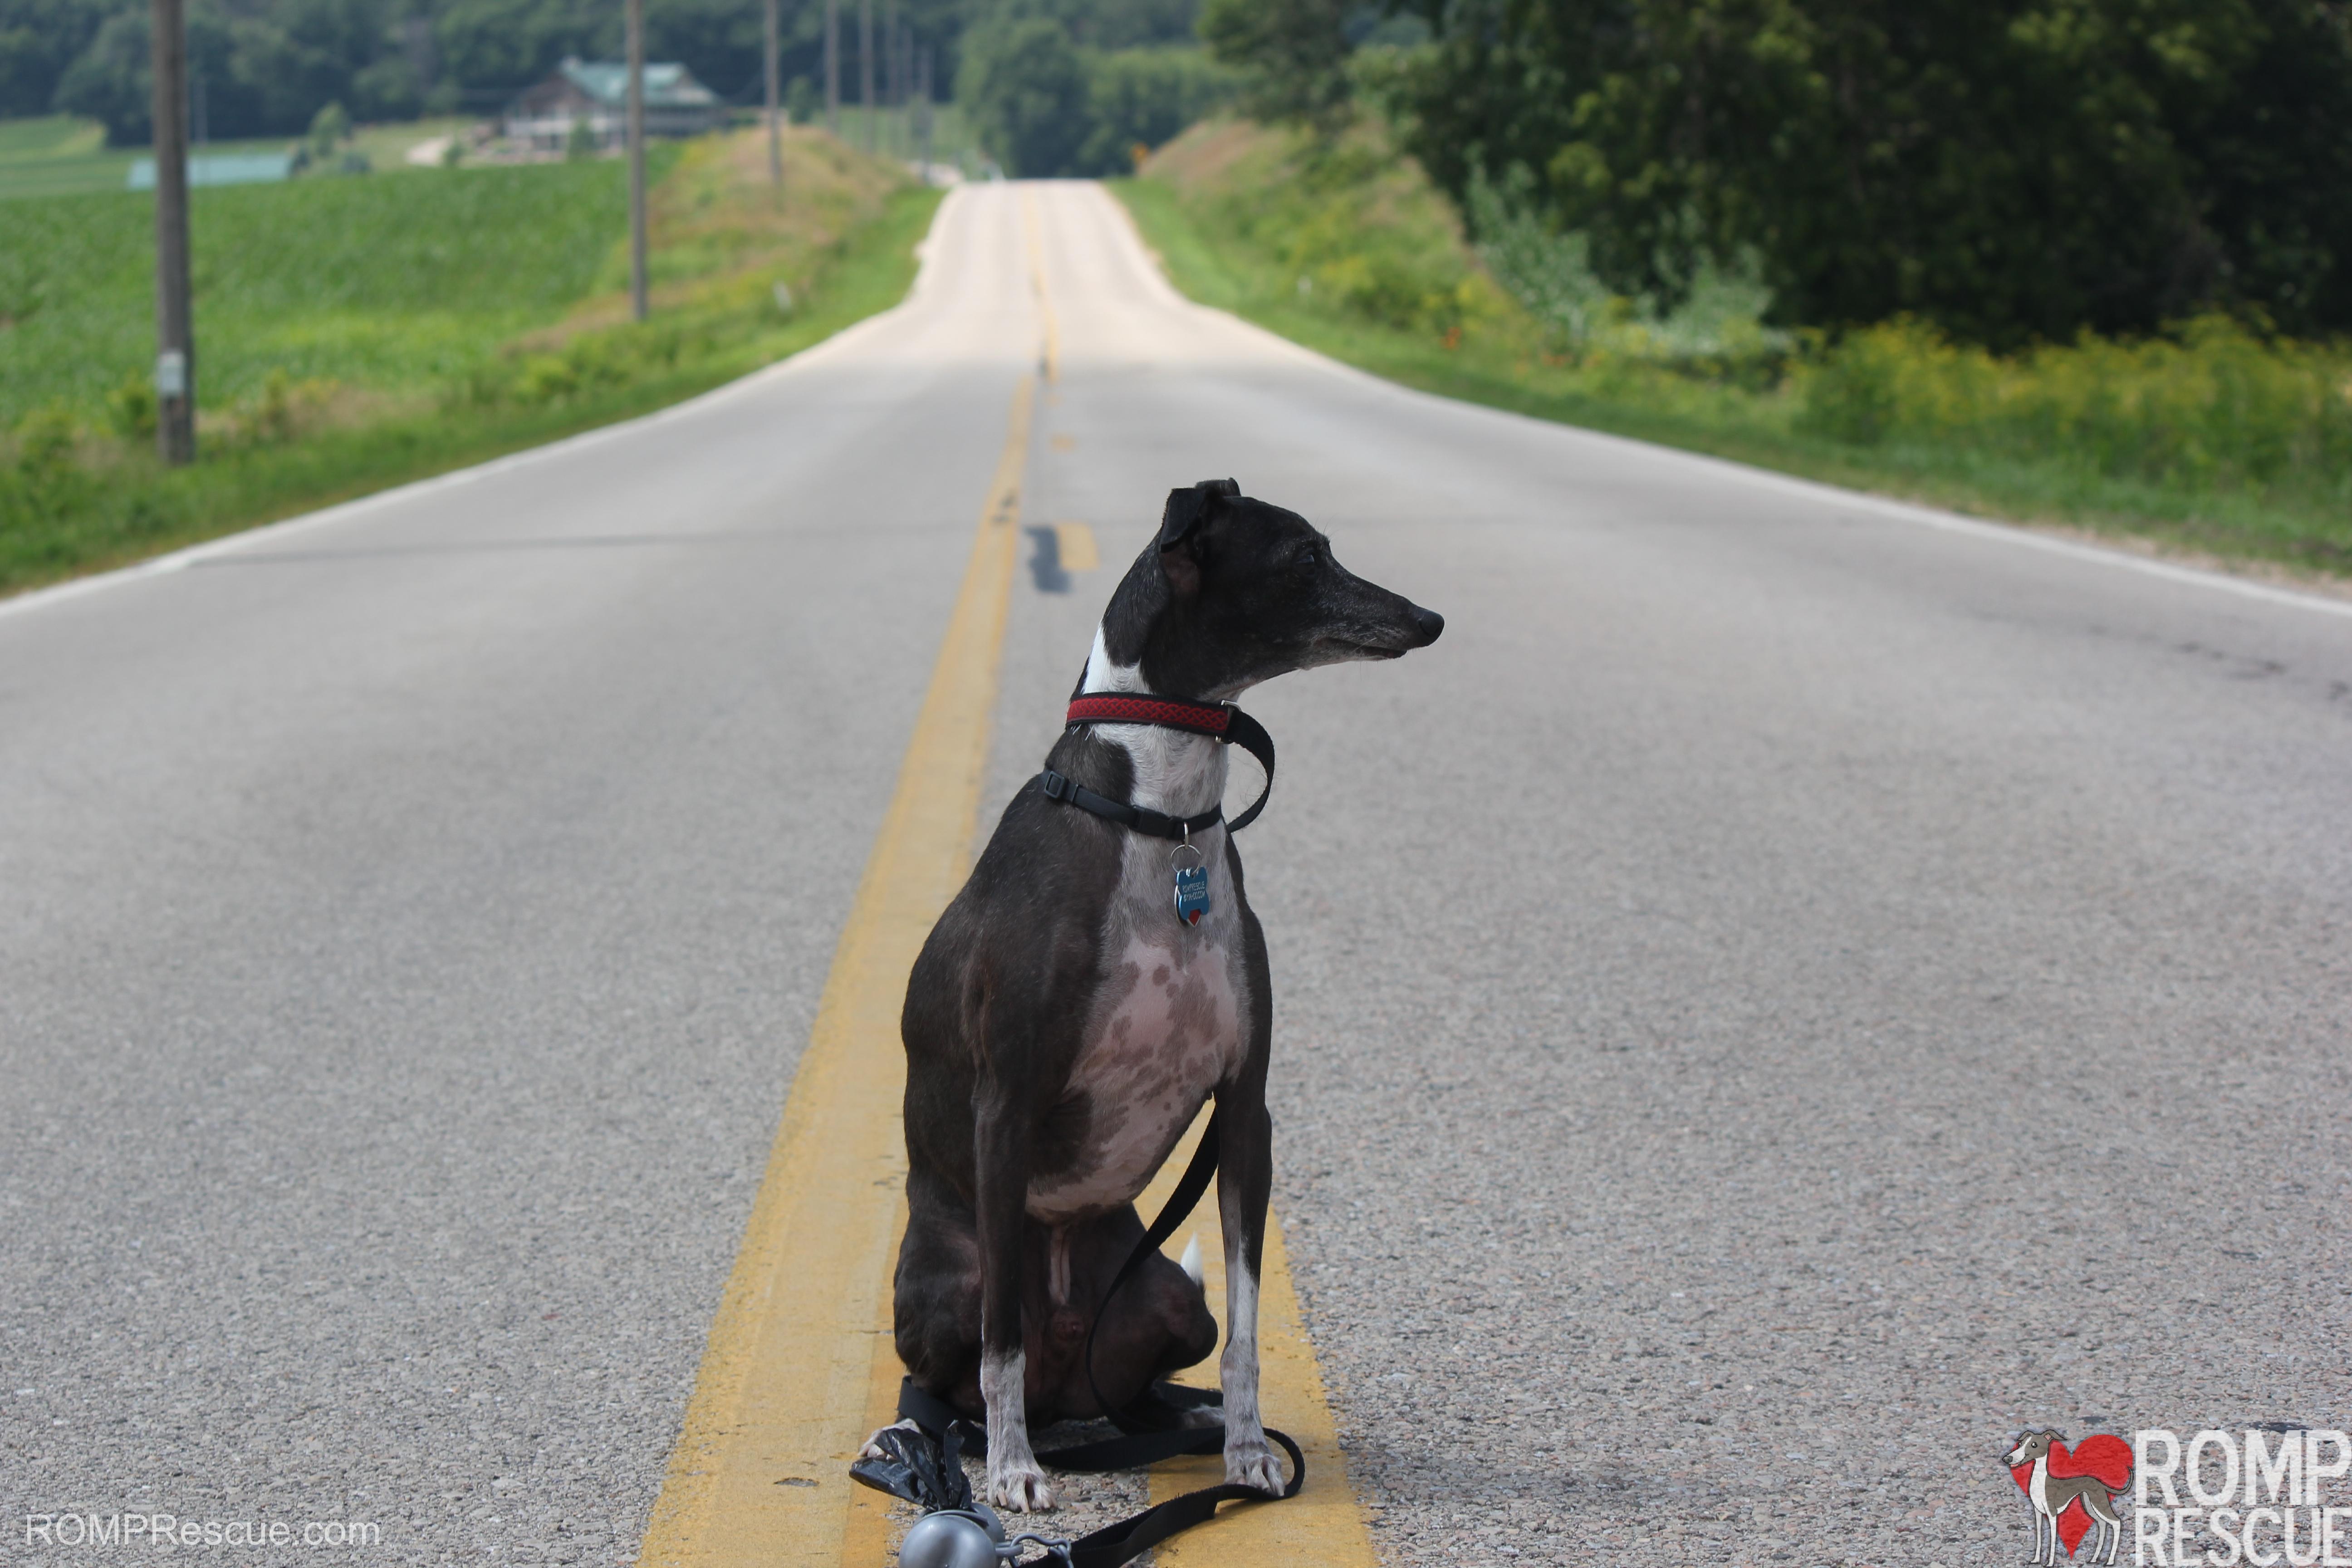 Italian greyhound surrender, surrender itailan greyhound, italian greyhounds, italian, greyhound, itailan greyhounds, italian greyhound, italian greyhound relinquish, relinquishing your italian greyhound, giving up your italian greyhound, giving up, giving back, surrender, relinquish, chicago itailan greyhound surrender, indiana, illinois, wisconsin, chicago, indy, wisc, ill